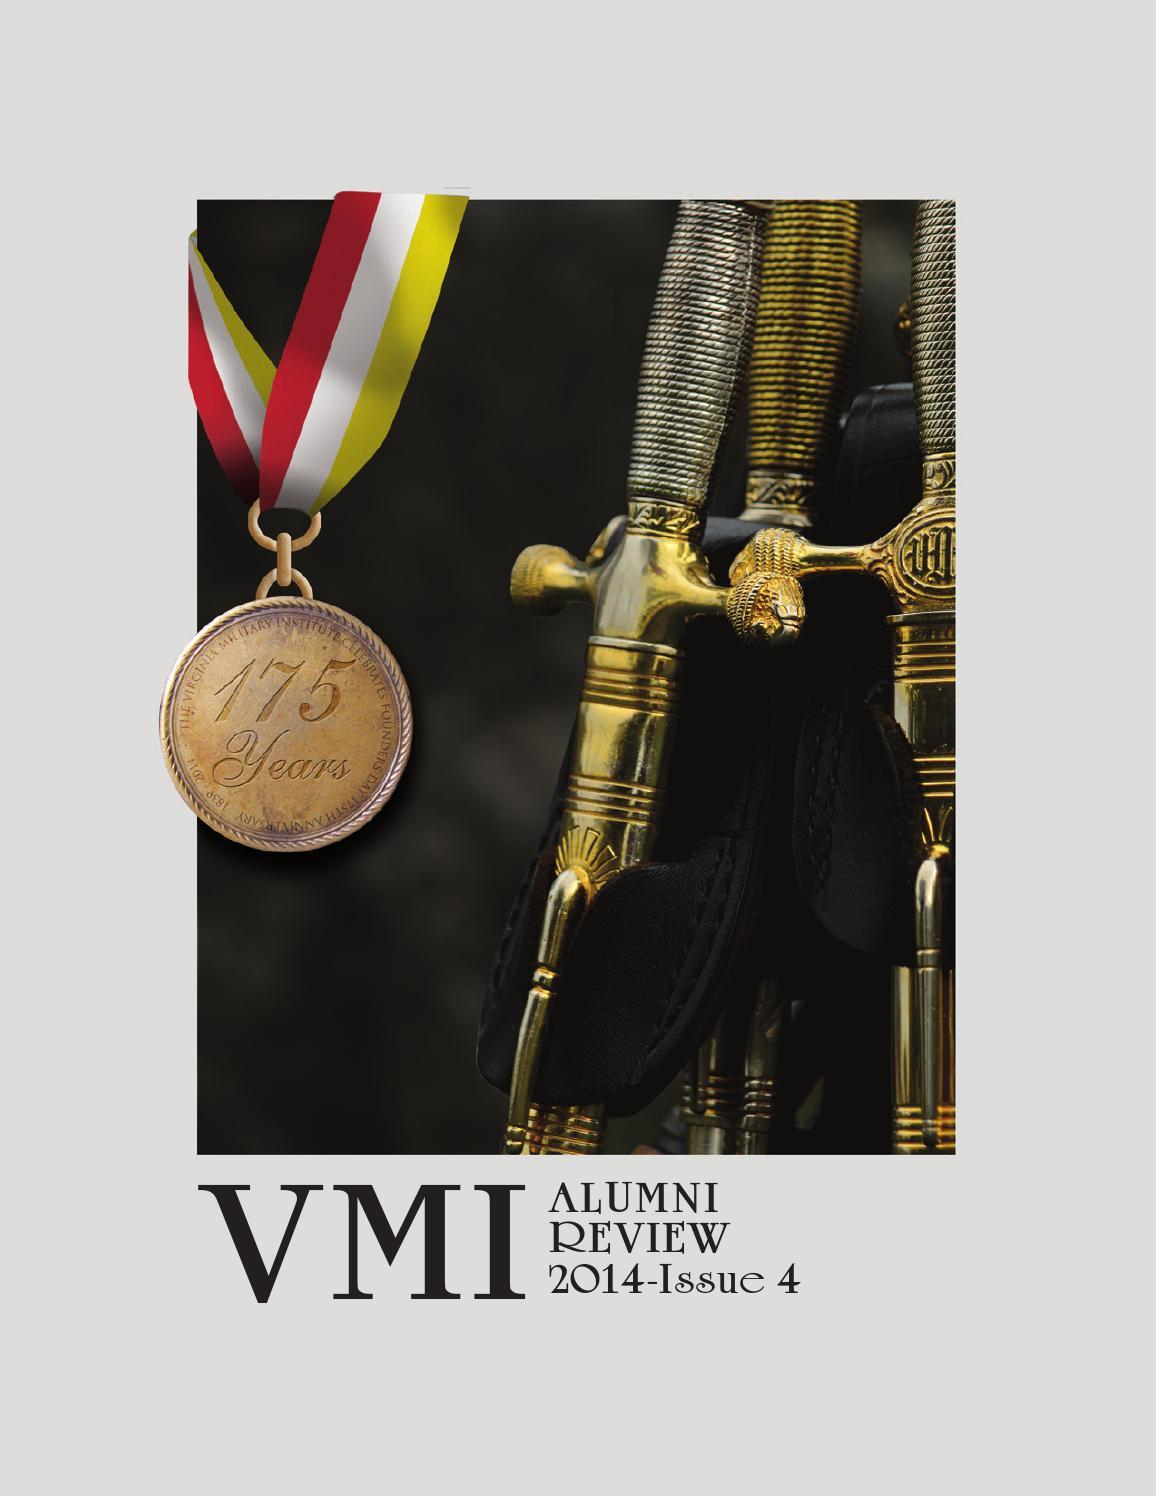 8ce0ab05b1 Alumni Review 2014 Issue 4 by VMI Alumni Agencies - issuu